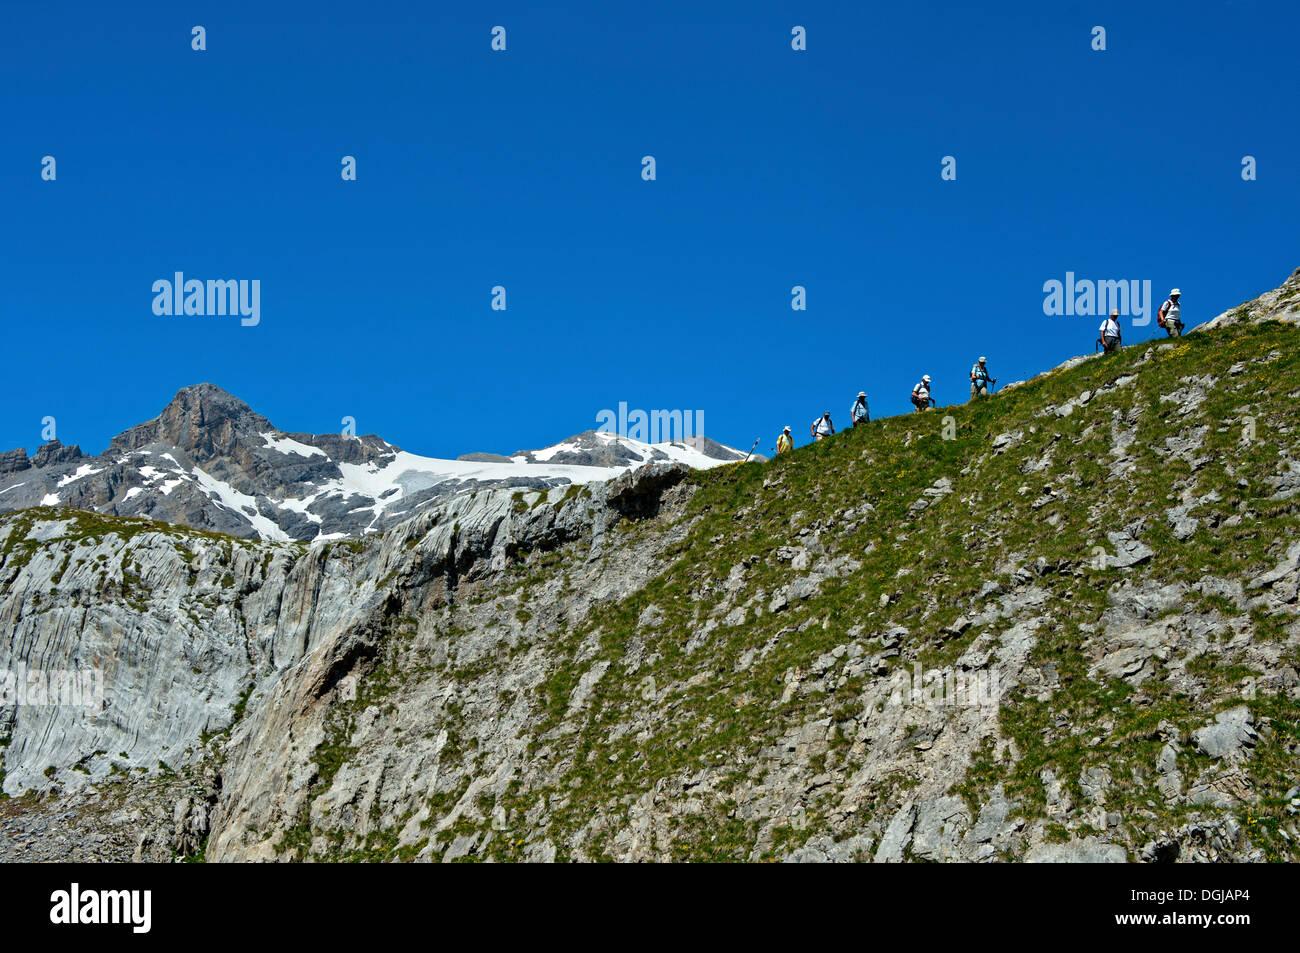 Los caminantes por debajo de la cima de la montaña, Wildhorn Alpes Berneses, cantón de Valais, Suiza Foto de stock